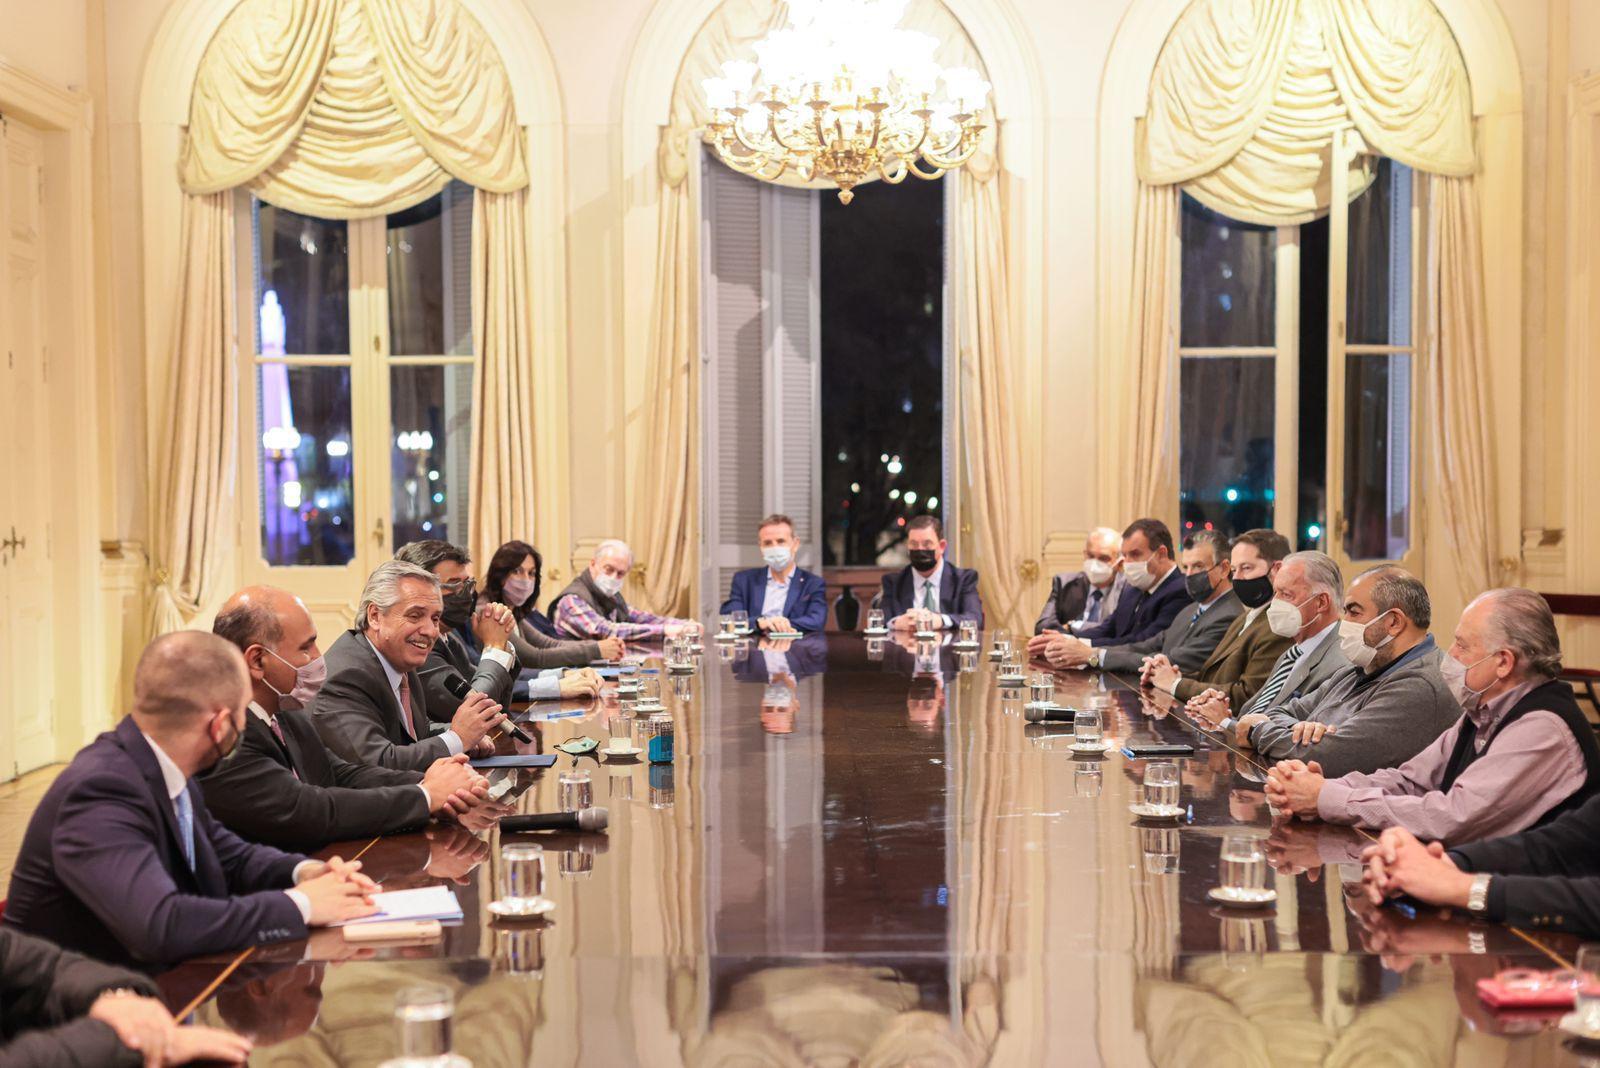 El presidente Alberto Fernández encabezó esta tarde en la Casa Rosada la firma del acta acuerdo para un nuevo aumento del Salario Mínimo, Vital y Móvil (SMVM)